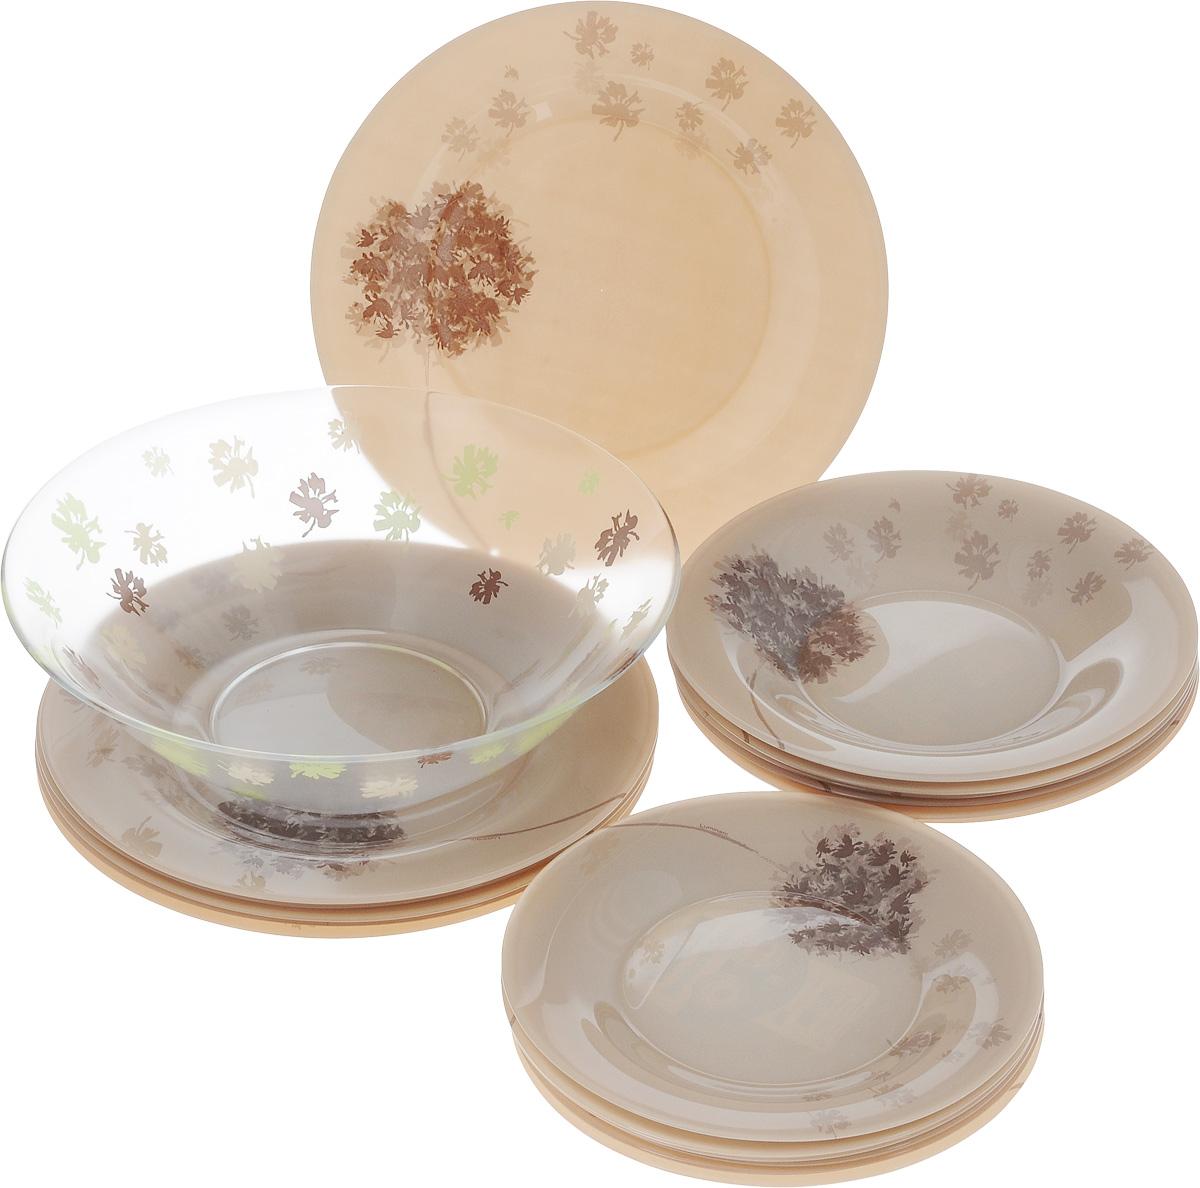 Набор столовой посуды Luminarc Stella Chocolat, 19 предметовJ1917Набор Luminarc Stella Chocolat состоит из 6 суповых тарелок, 6 обеденных тарелок, 6 десертных тарелок и салатницы. Изделия выполнены из ударопрочного стекла, имеют оригинальный дизайн и классическую круглую форму. Посуда отличается прочностью, гигиеничностью и долгим сроком службы, она устойчива к появлению царапин и резким перепадам температур. Такой набор прекрасно подойдет как для повседневного использования, так и для праздников или особенных случаев. Набор столовой посуды Luminarc Stella Chocolat - это не только яркий и полезный подарок для родных и близких, а также великолепное дизайнерское решение для вашей кухни или столовой. Можно мыть в посудомоечной машине и использовать в микроволновой печи. Диаметр суповой тарелки: 21,5 см. Высота суповой тарелки: 3,2 см.Диаметр обеденной тарелки: 25 см. Высота обеденной тарелки: 1,8 см. Диаметр десертной тарелки: 19 см. Высота десертной тарелки: 1,2 см.Диаметр салатника: 26,5 см. Высота салатника: 8,5 см.